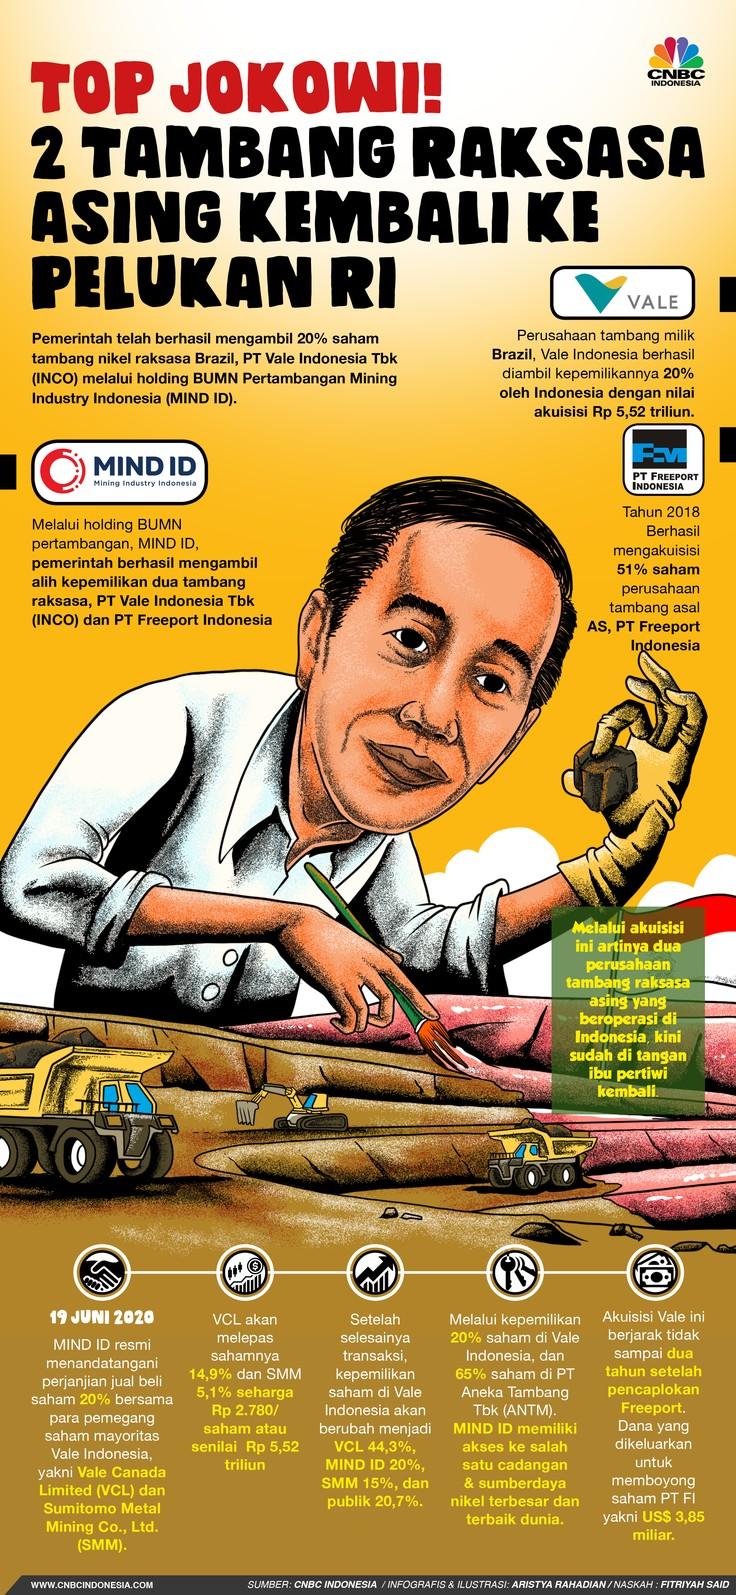 Infografis/Top Jokowi! 2 Tambang Raksasa Asing Kembali ke Pelukan RI/Aristya Rahadian